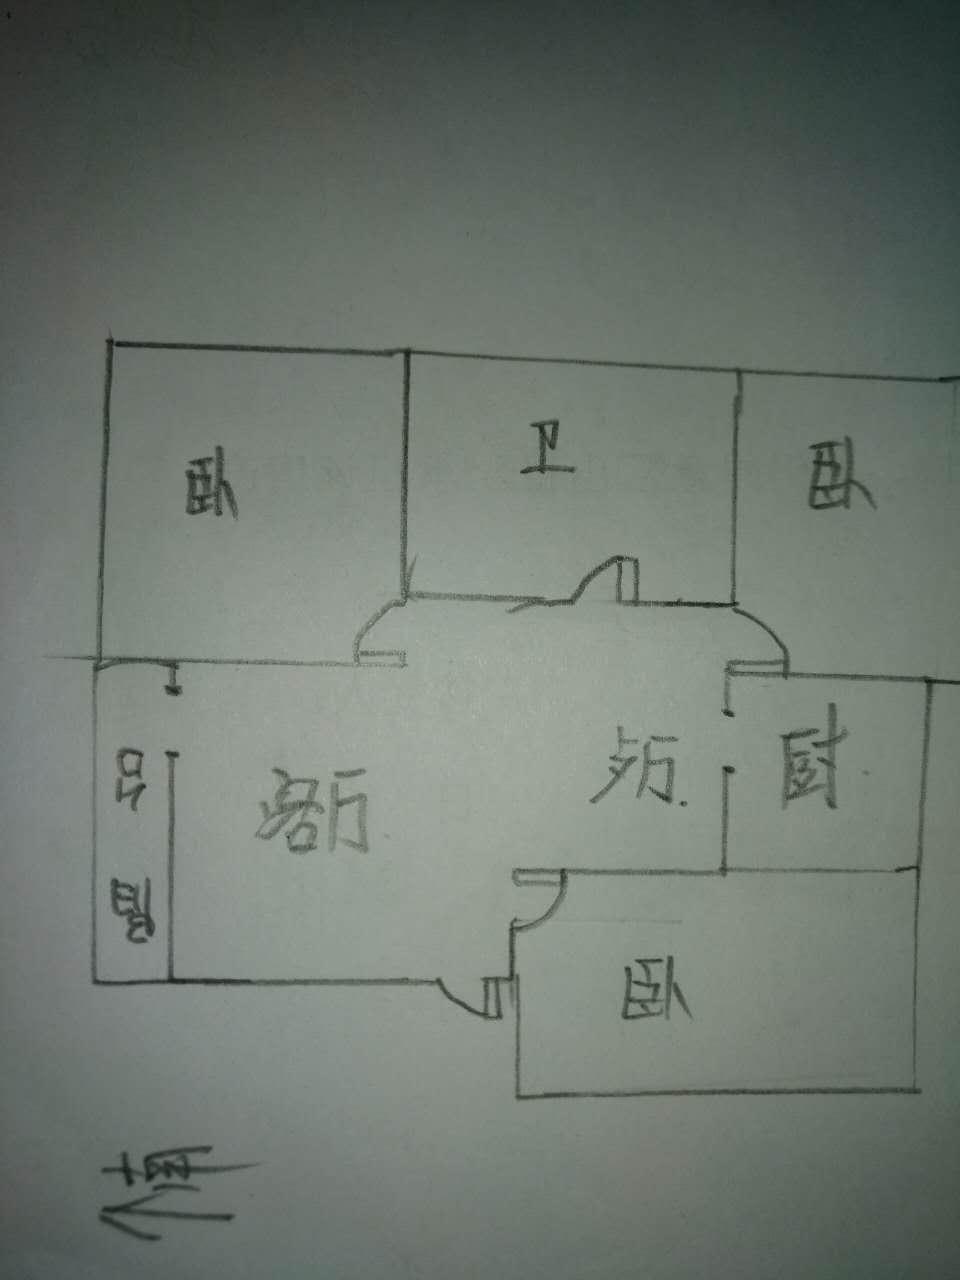 凯旋花园 3室2厅 5楼